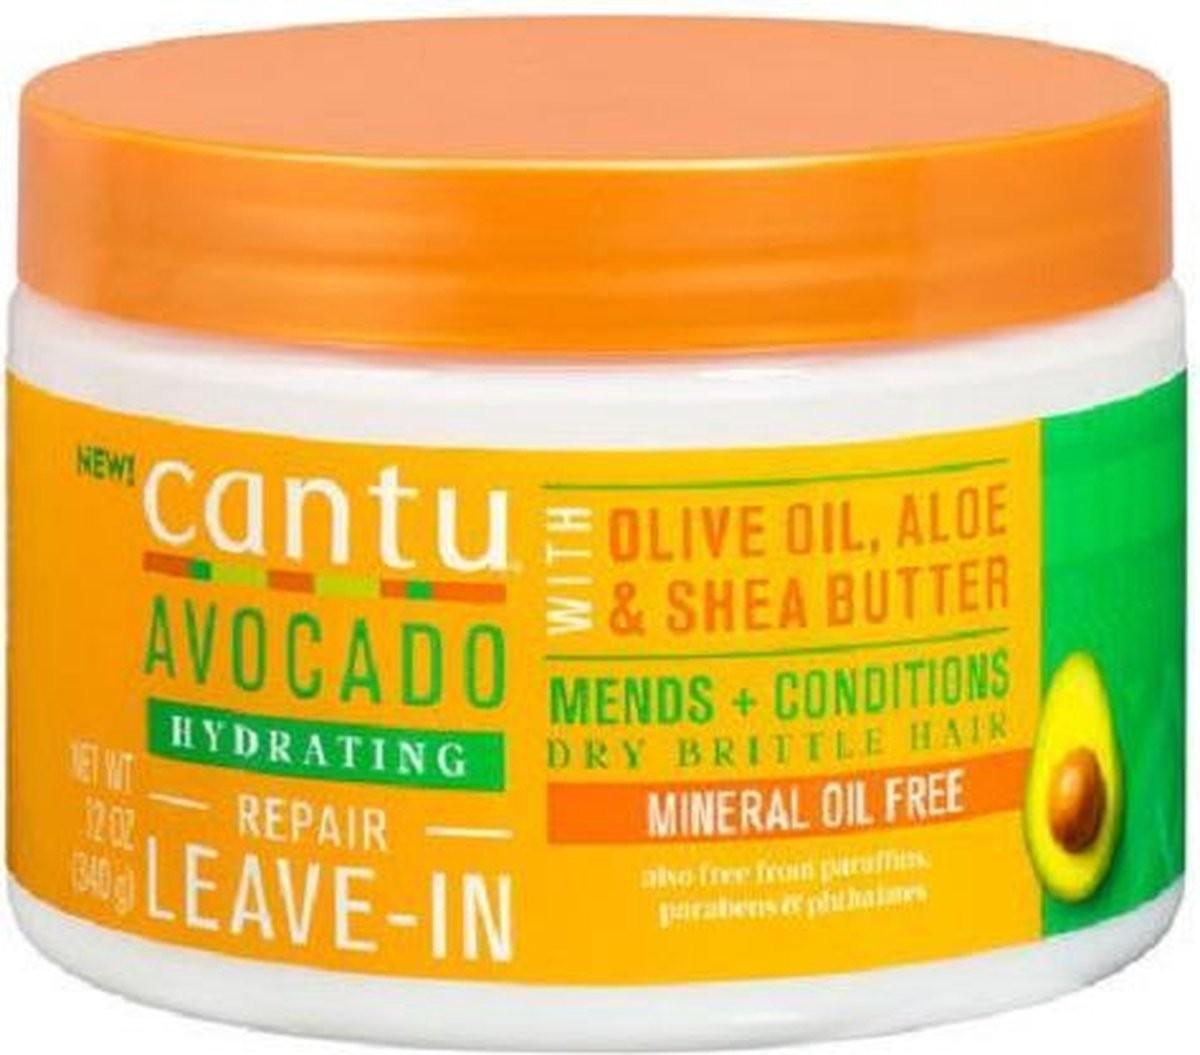 Cantu_avocado_leave_in